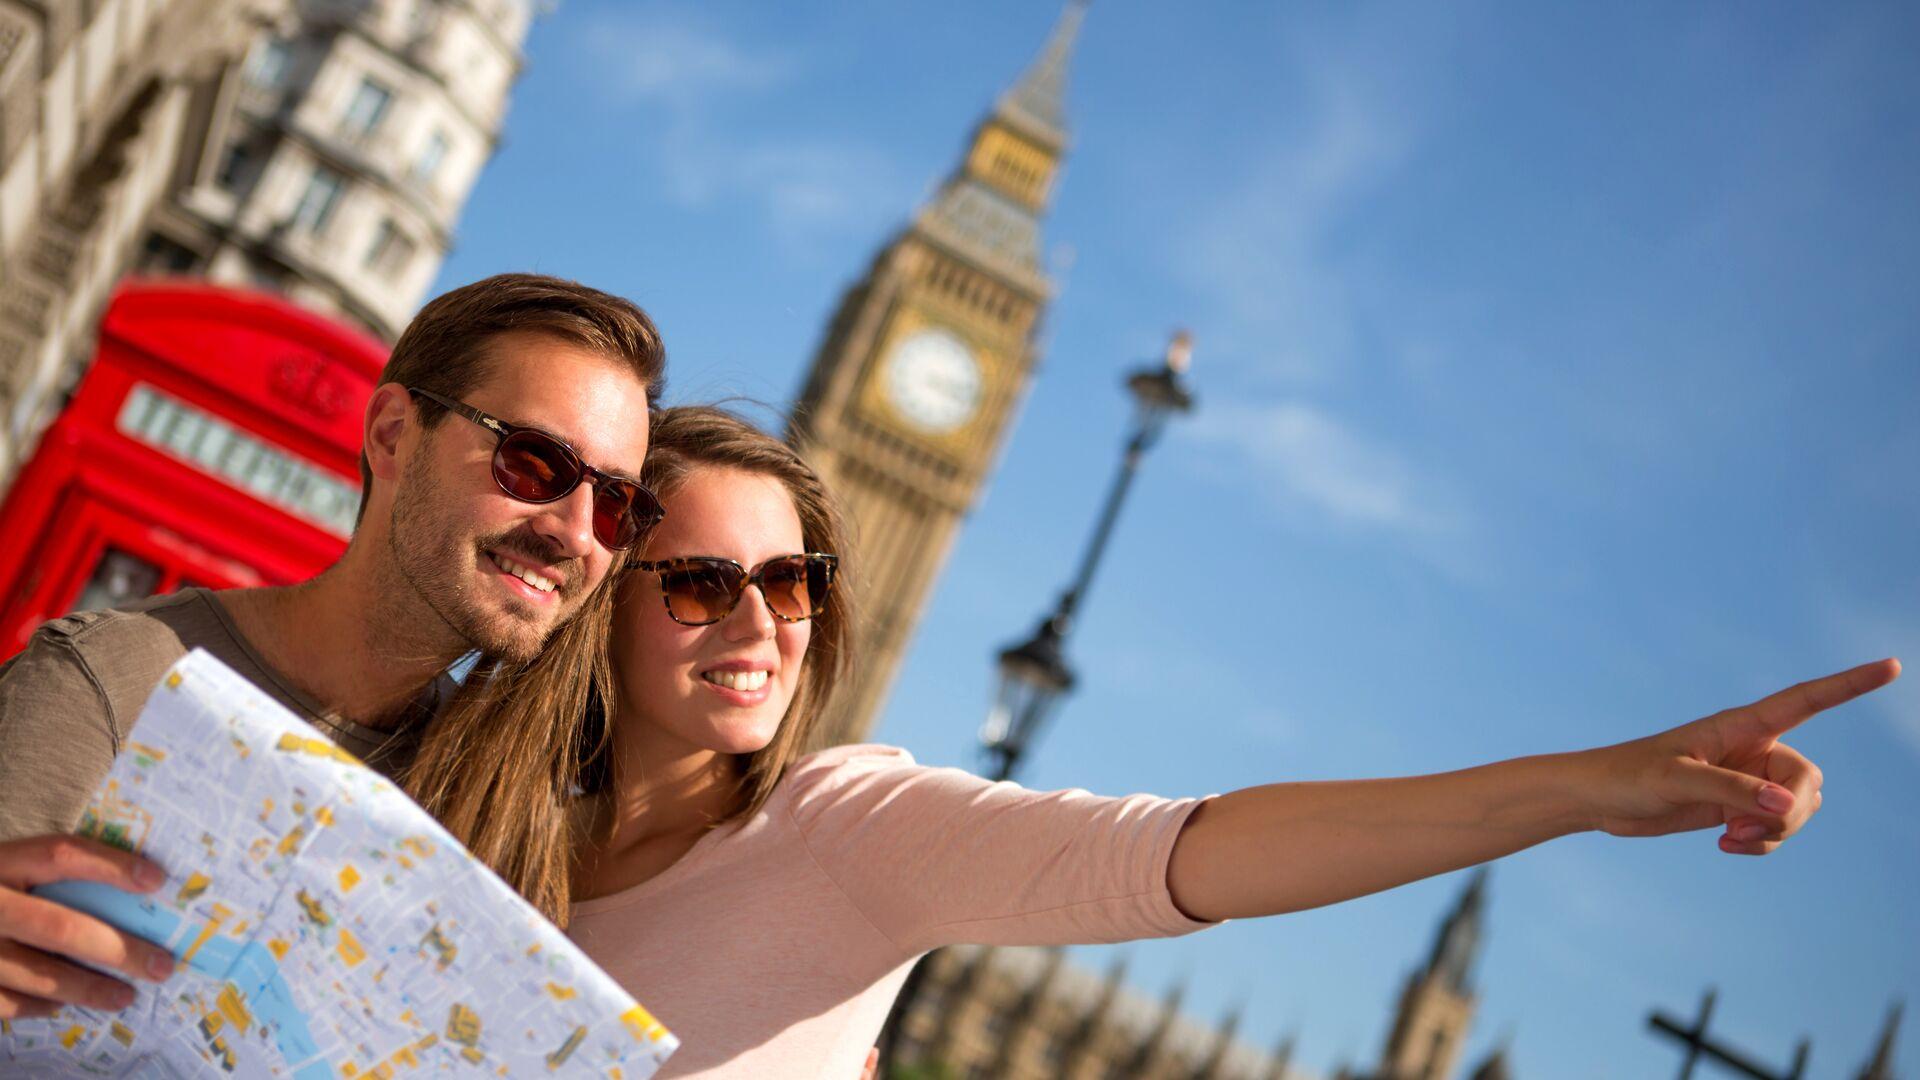 760471256 0:300:5760:3540 1920x0 80 0 0 2890b4097e3120d298bff3cfc30a71fa - В Лондоне подготовили необычные погулочные маршруты для туристов